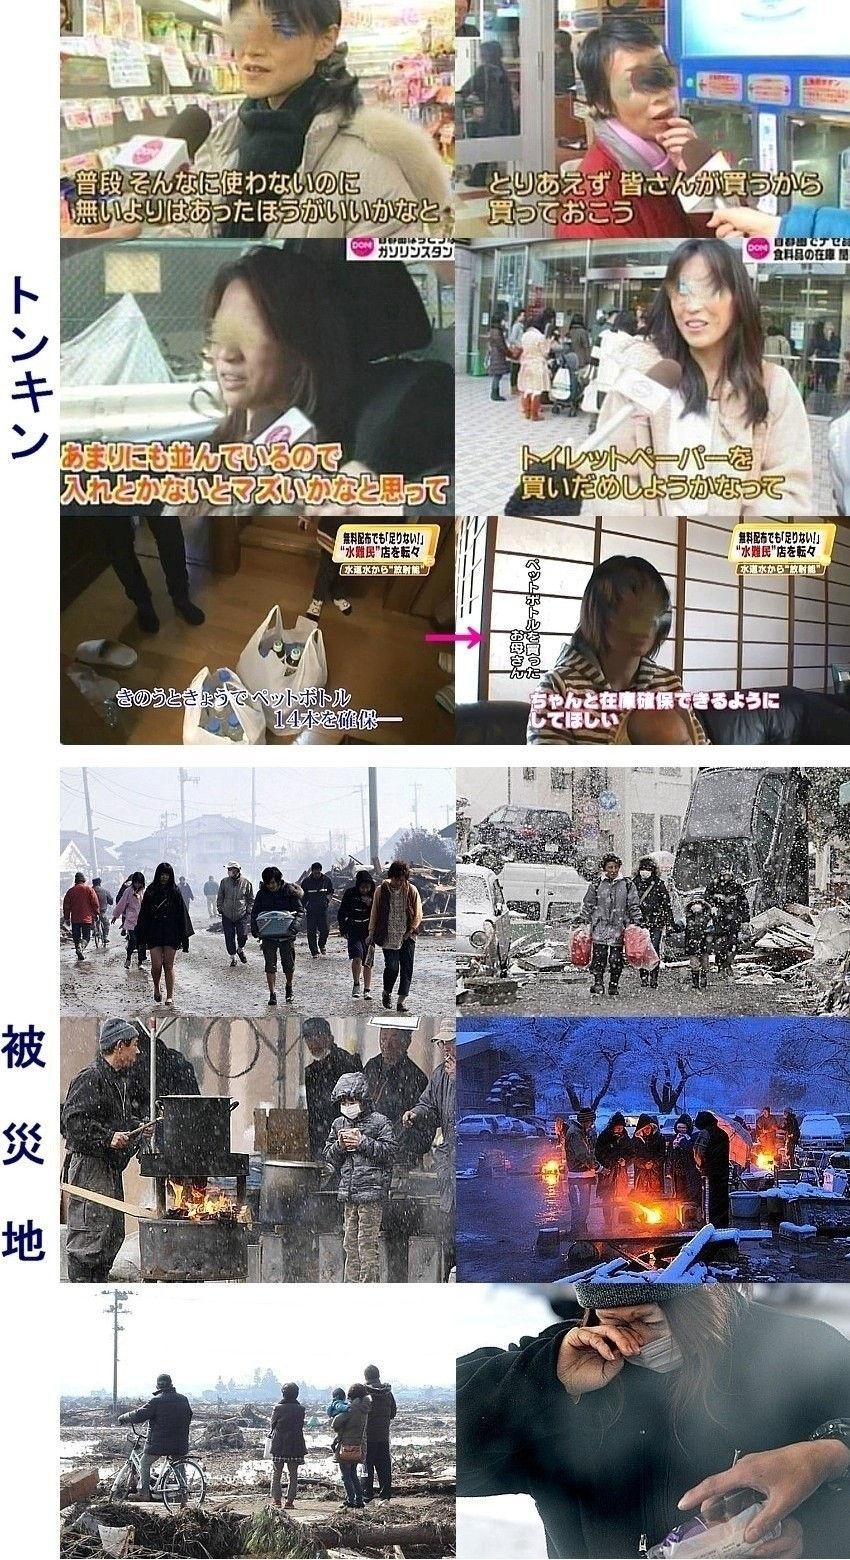 衰退する 大阪を尻目に 東京の勢いが加速 [転載禁止]©2ch.netYouTube動画>6本 ->画像>69枚